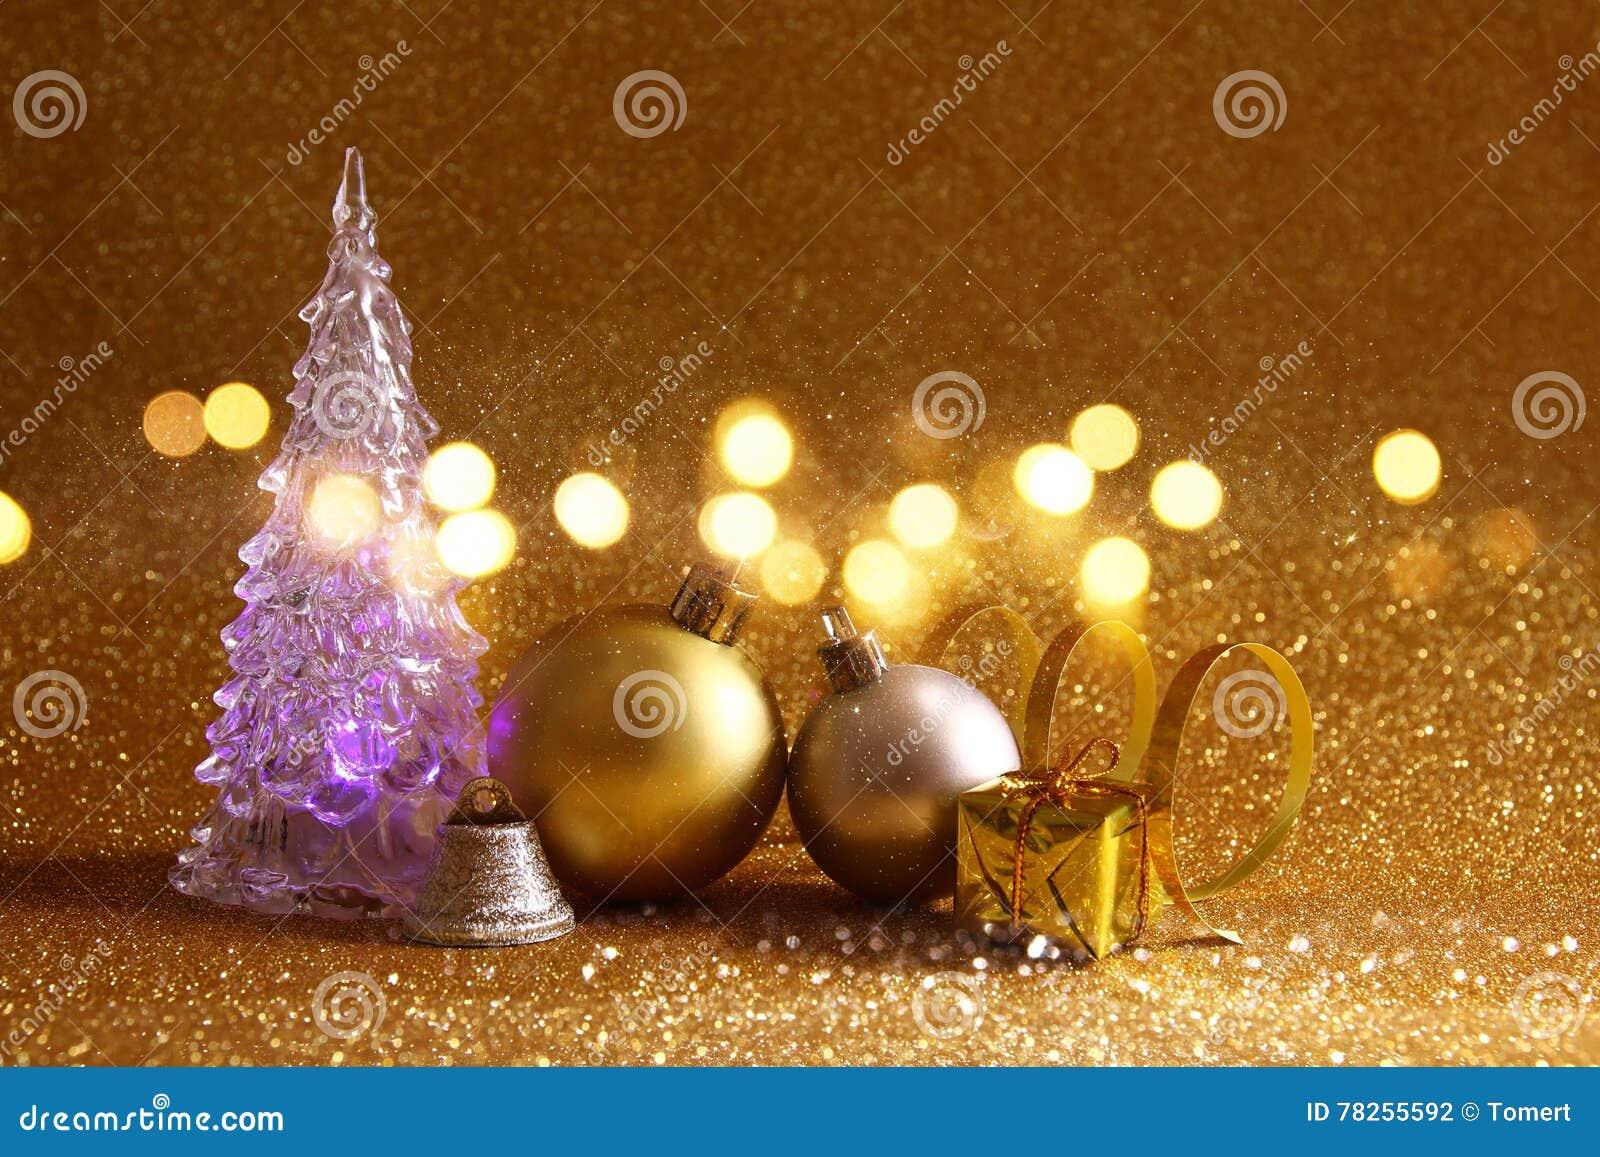 οι διακοσμήσεις χριστουγεννιάτικων δέντρων και σφαιρών ακτινοβολούν επάνω υπόβαθρο